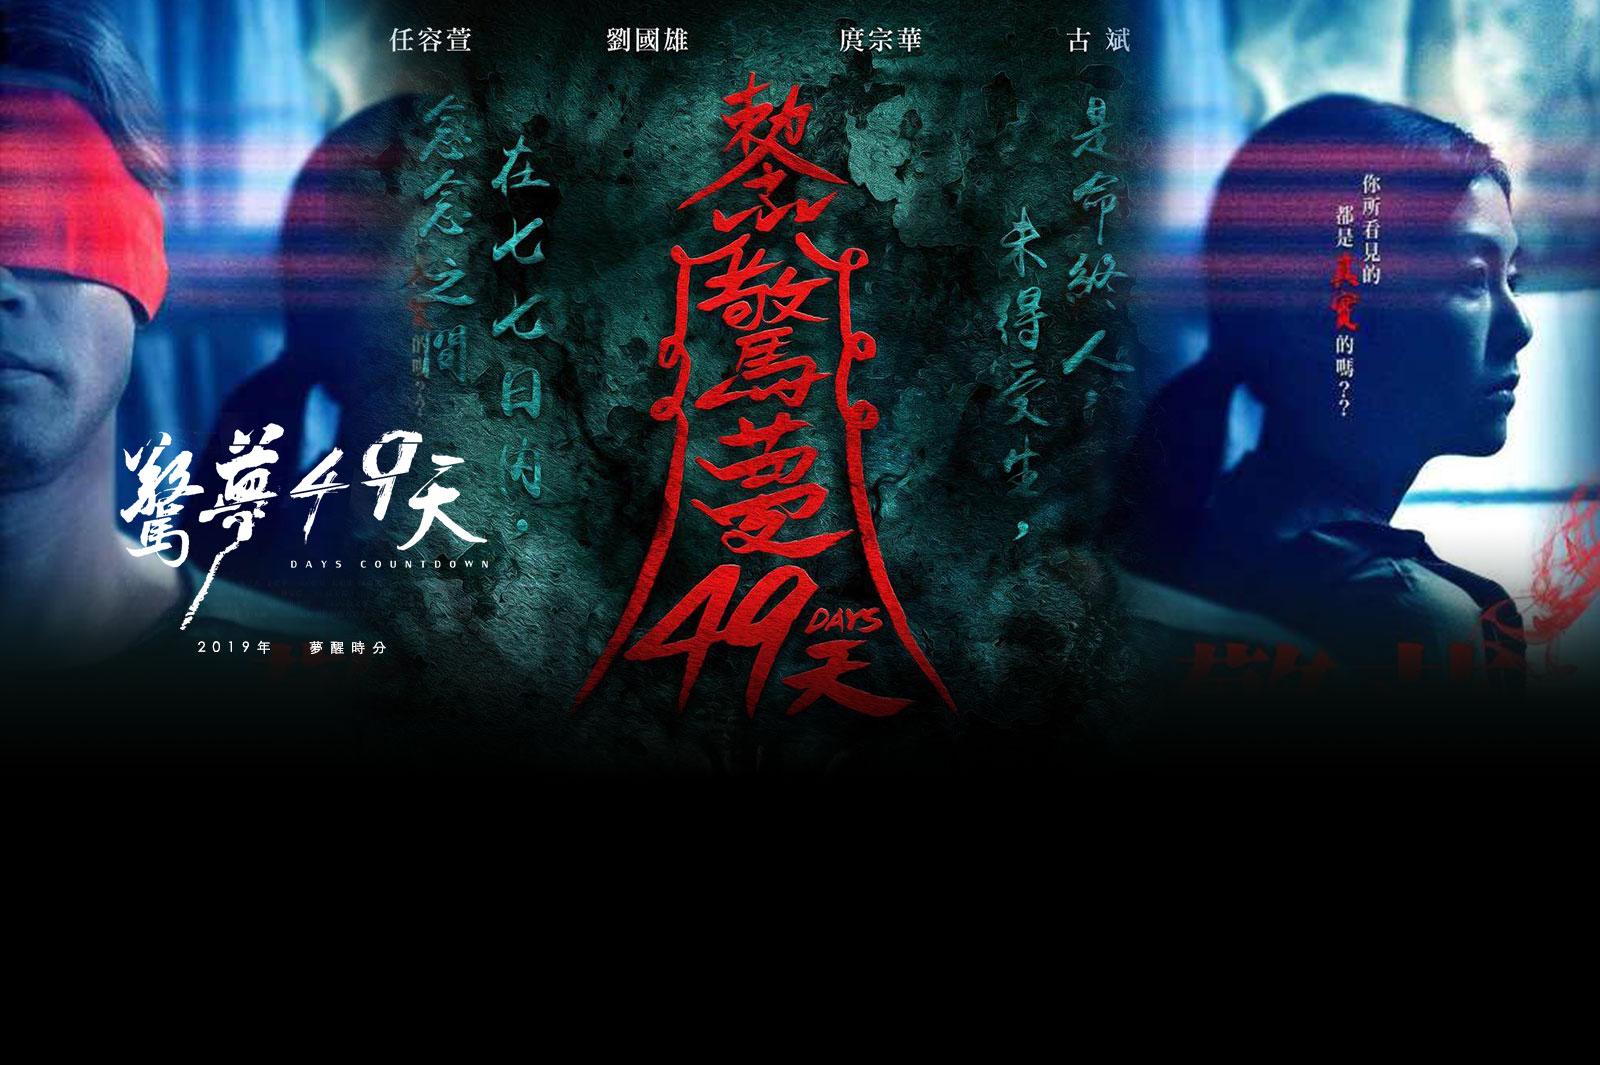 2019年強勢國片新登場【驚夢49天】敬請期待